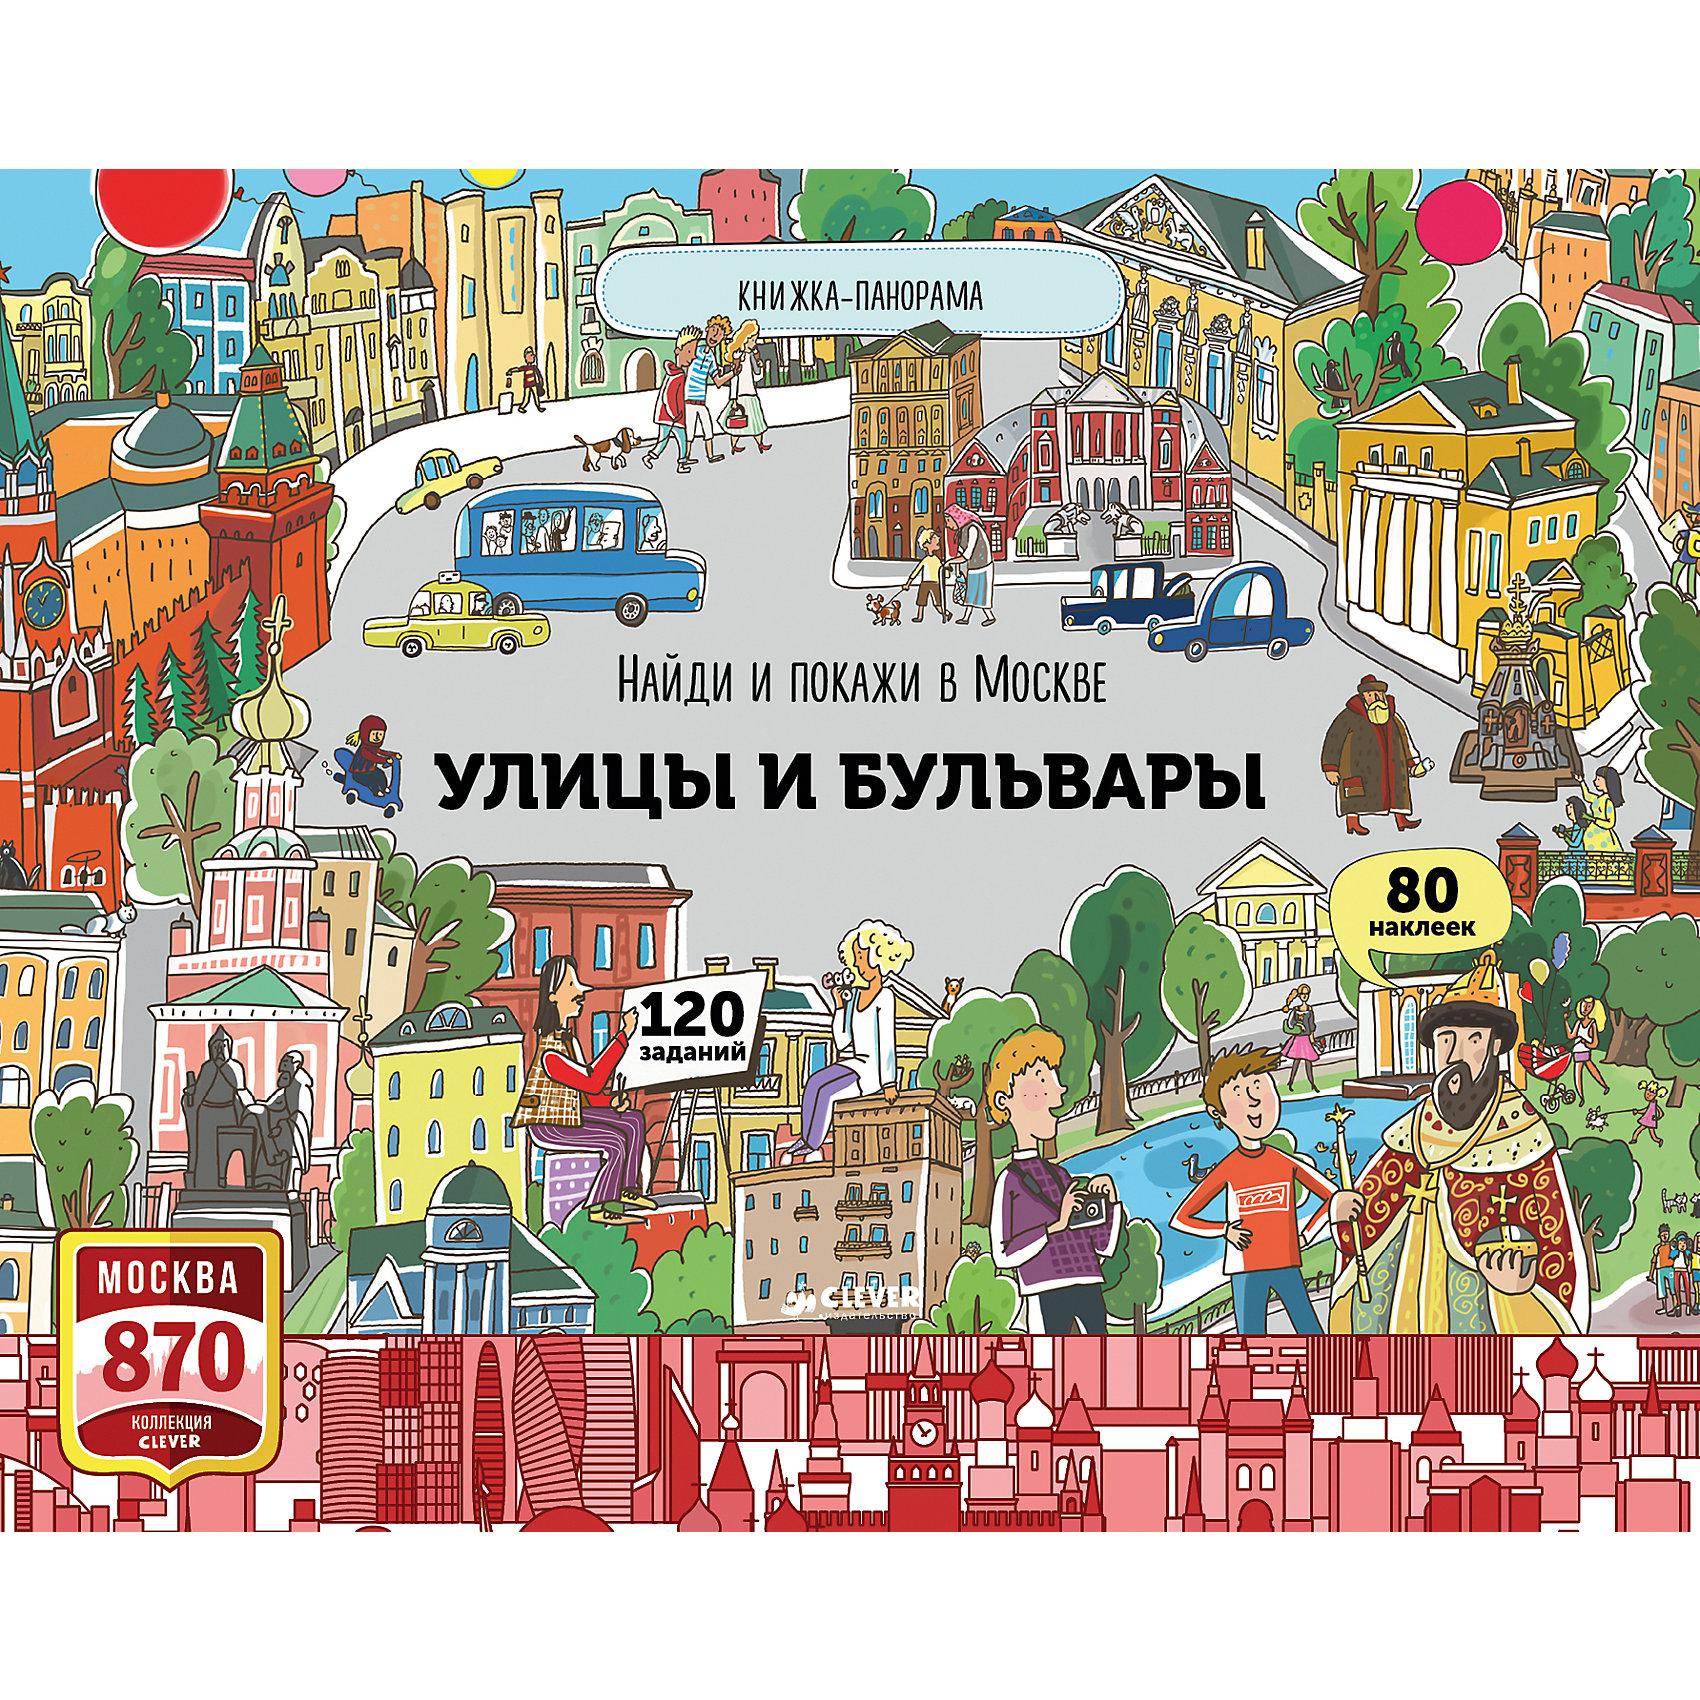 Найди и покажи в Москве: Улицы и бульвары, Абрамов Р.CLEVER (КЛЕВЕР)<br>Какие места в Москве вы любите больше всего? Разложите эту красочную книжку-панораму и отправляйтесь в увлекательную прогулку по улицам и бульварам нашей столицы. Хотите примерить шапку Мономаха, придумать вывеску для знаменитого магазина игрушек на Лубянке и построить Крымский мост? Вы можете развесить афиши на театре Современник и на знаменитом кинотеатре Ролан. Вы увидите самые известные достопримечательности Москвы. Скорее в путь, вас ждут веселые приключения и интересные задания! Что внутри? - Кремль - Красная площадь - Никольская улица - Вокруг Лубянской площади - Тверской бульвар - К Воздвиженке - Арбат - Пречистенка - Крымская набережная - Замоскворечье - мясницкая улица - Китай-город<br><br>Ширина мм: 235<br>Глубина мм: 295<br>Высота мм: 80<br>Вес г: 335<br>Возраст от месяцев: 84<br>Возраст до месяцев: 132<br>Пол: Унисекс<br>Возраст: Детский<br>SKU: 6871396